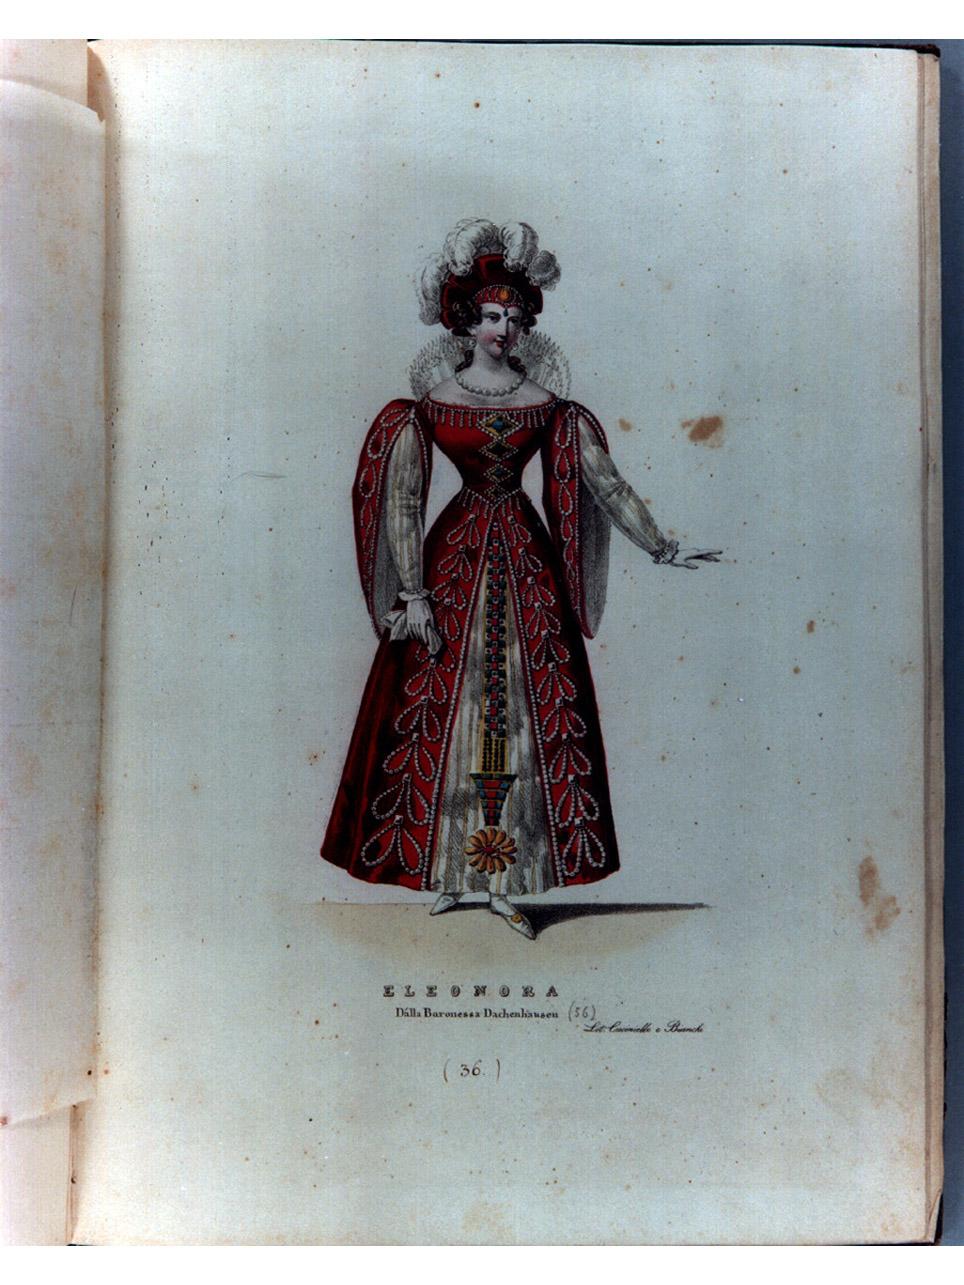 figura femminile in costume (stampa a colori, serie) di Cuciniello Domenico, Morghen Luigi, Bianchi Lorenzo (sec. XIX)